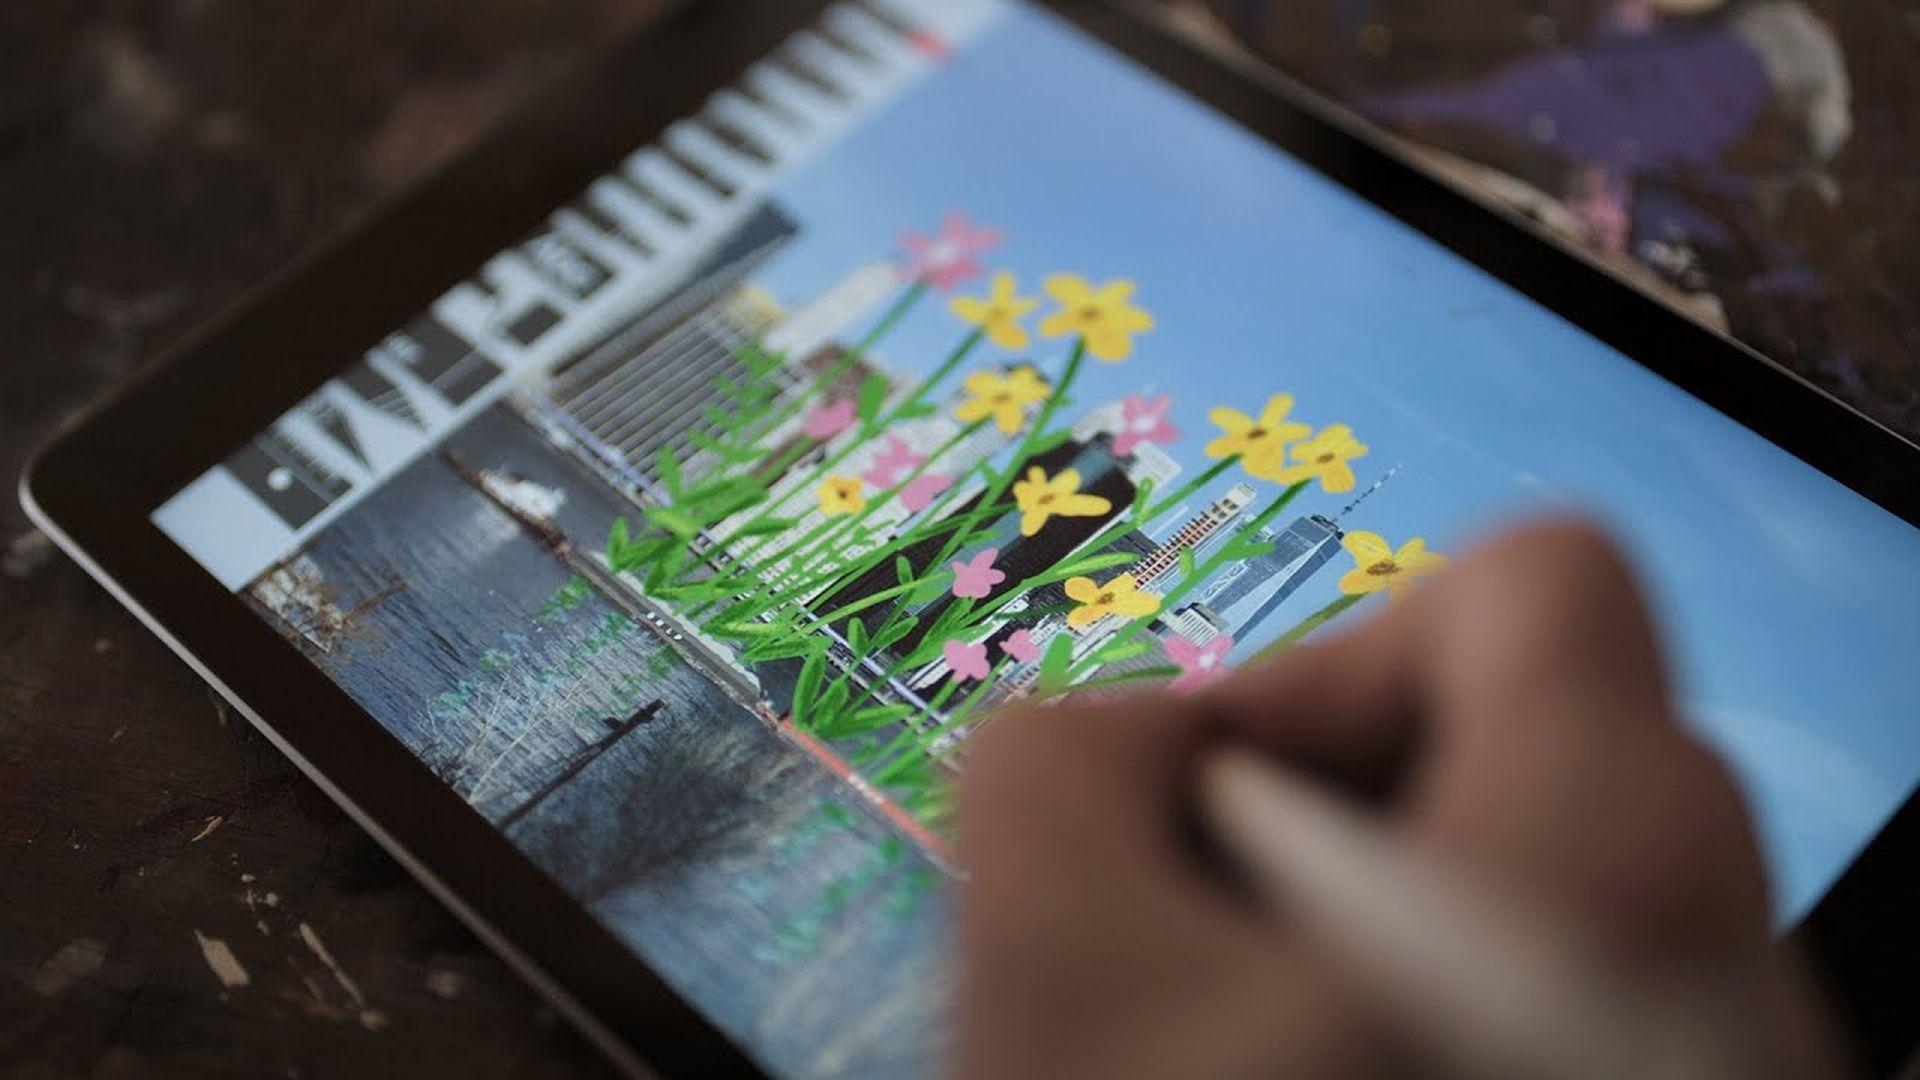 Nowa reklama iPada z okazji Dnia Ziemi w serwisie YouTube